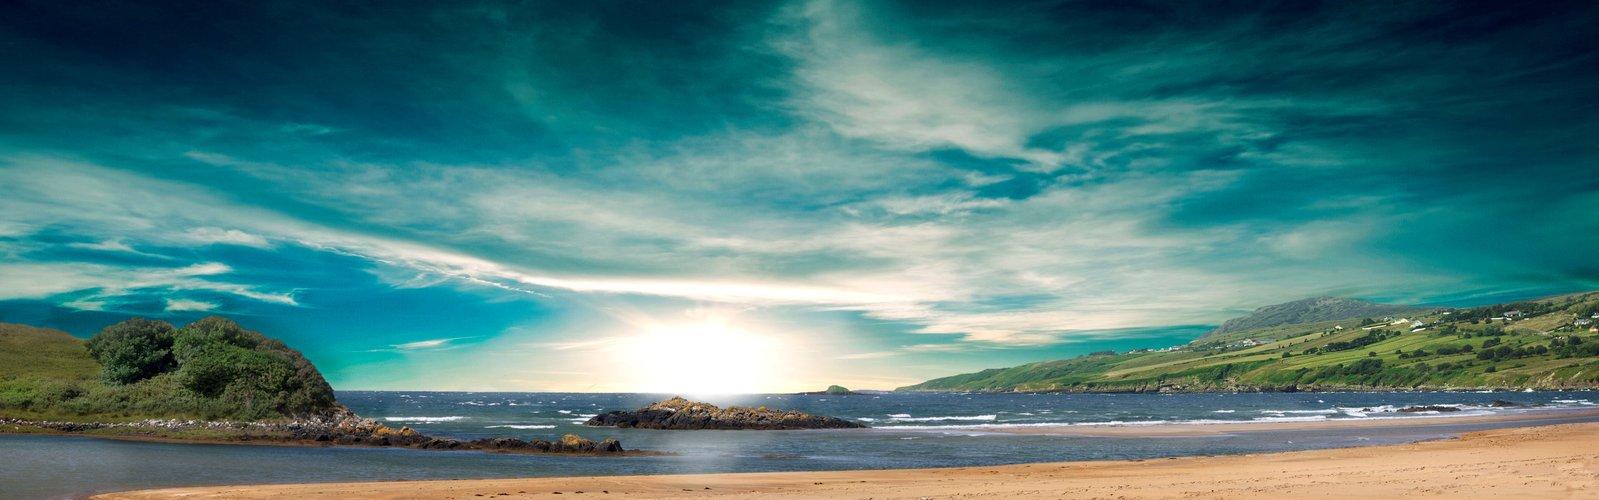 Beach Panorama Wallpaper - WallpaperSafari